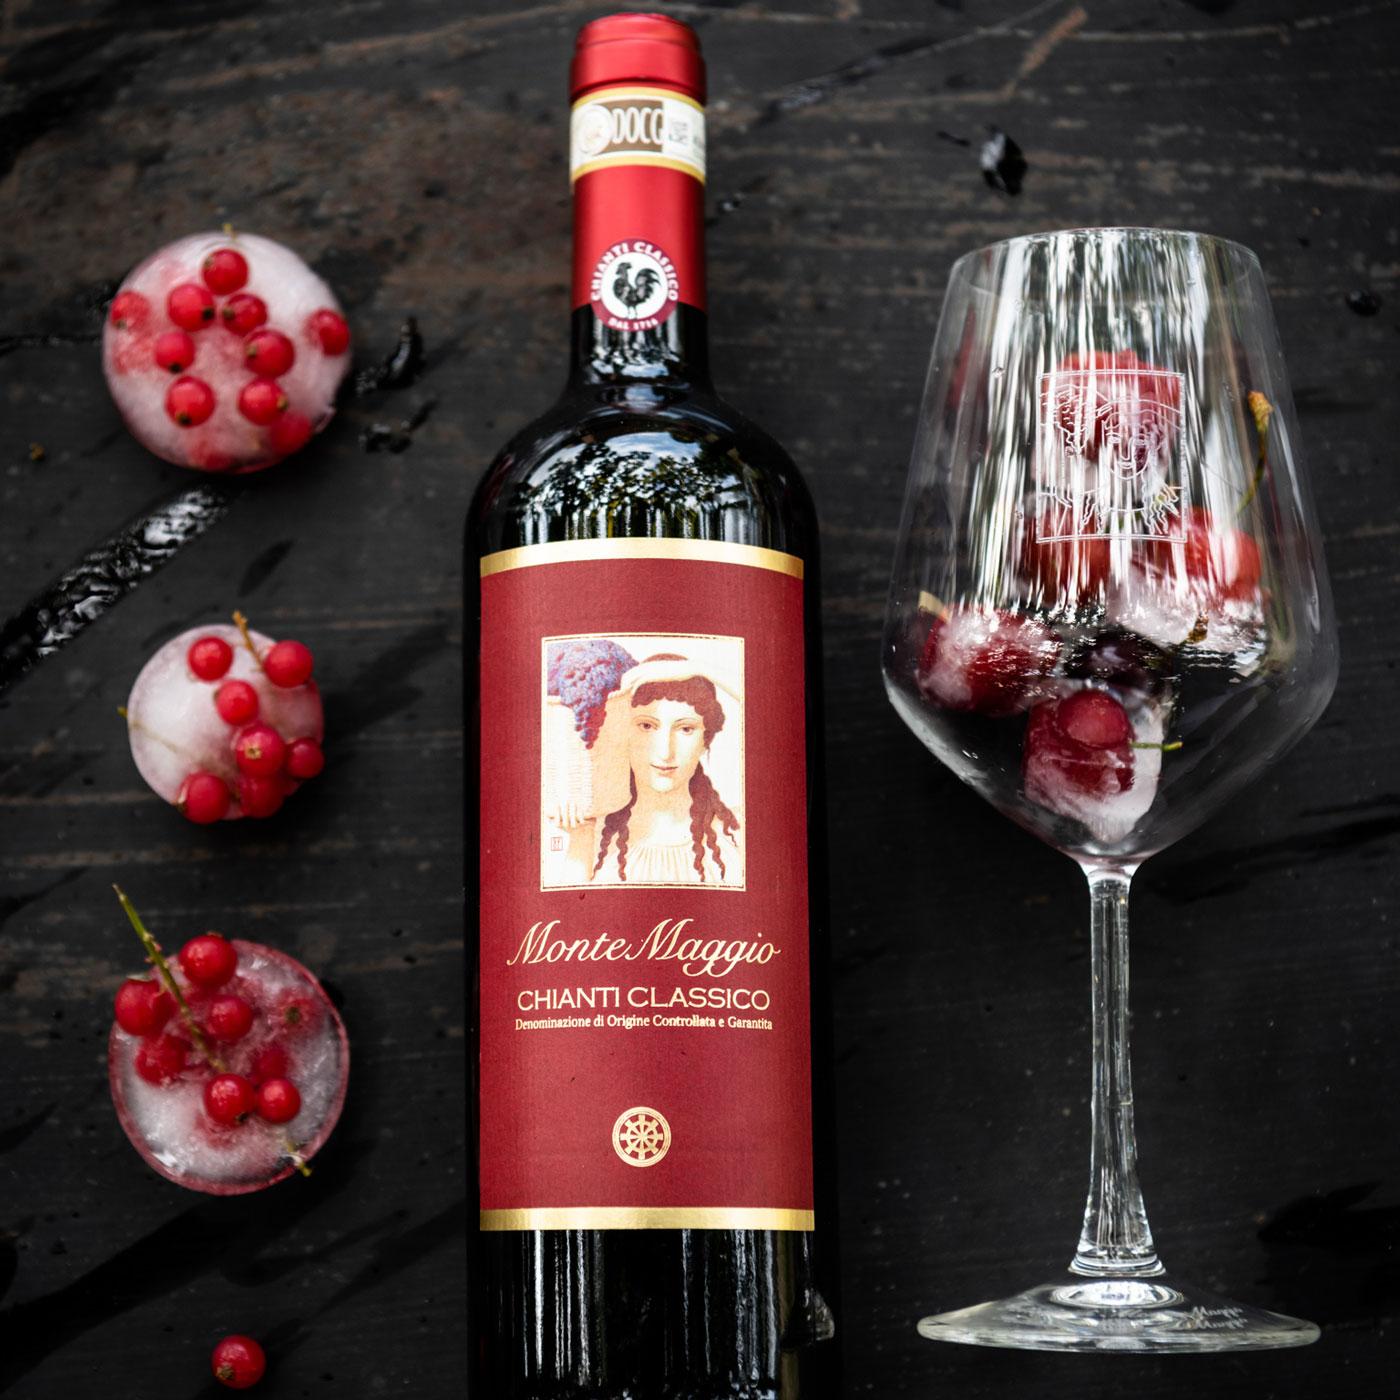 Taste Chianit Classico via wine tastings and degustations